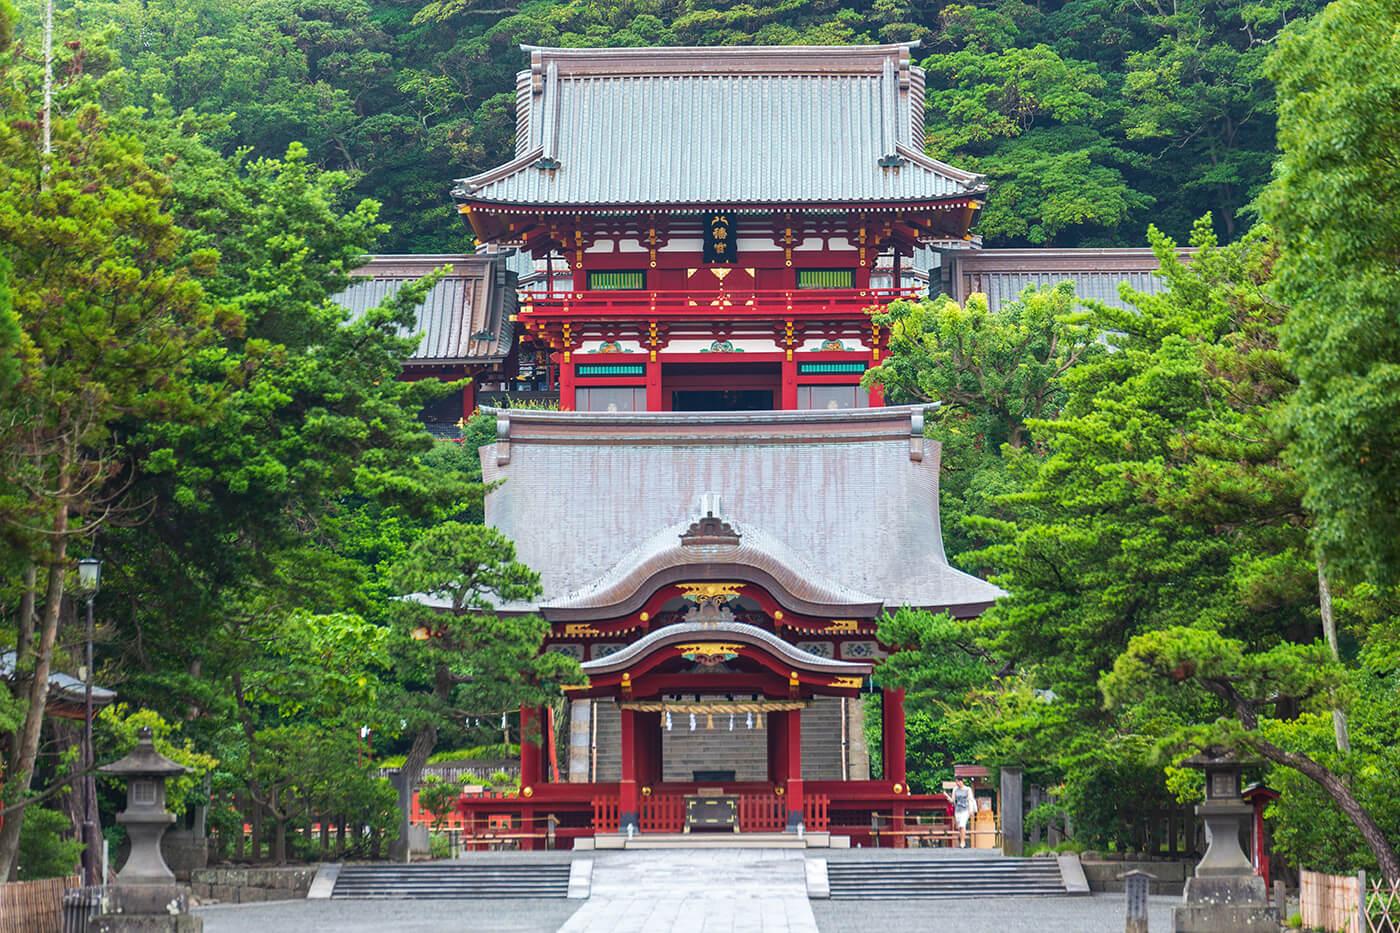 Santuario Hachiman-gu - Tsurugaoka Hachiman-gu